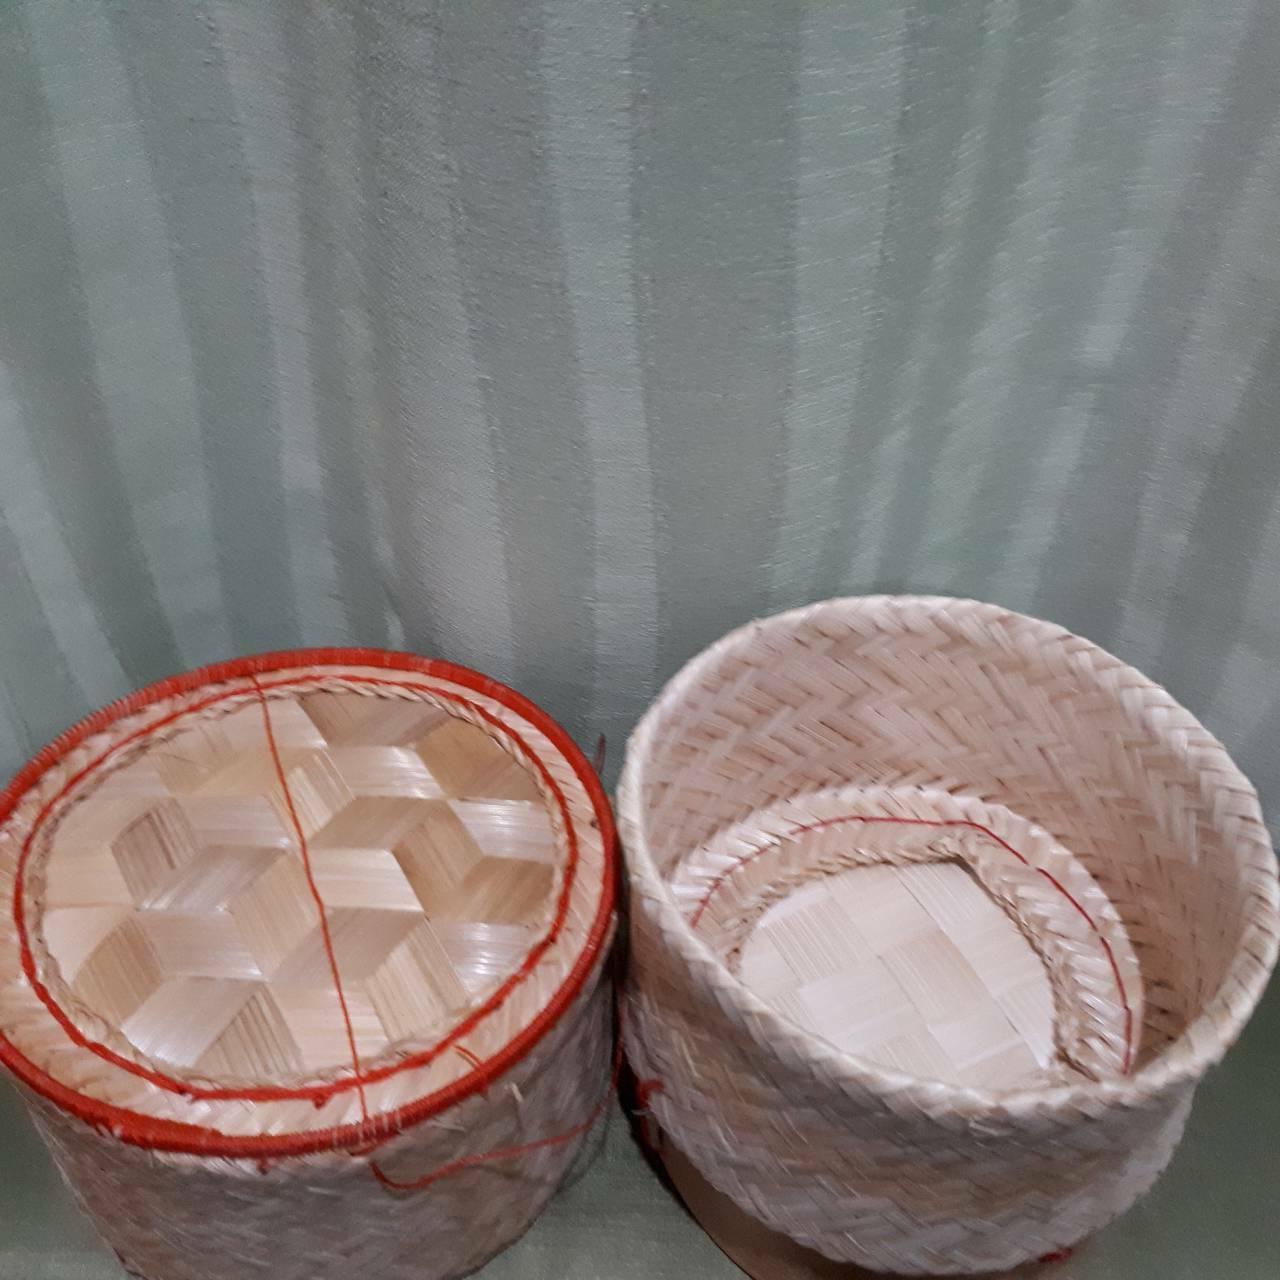 thai sticky rice basket midium size